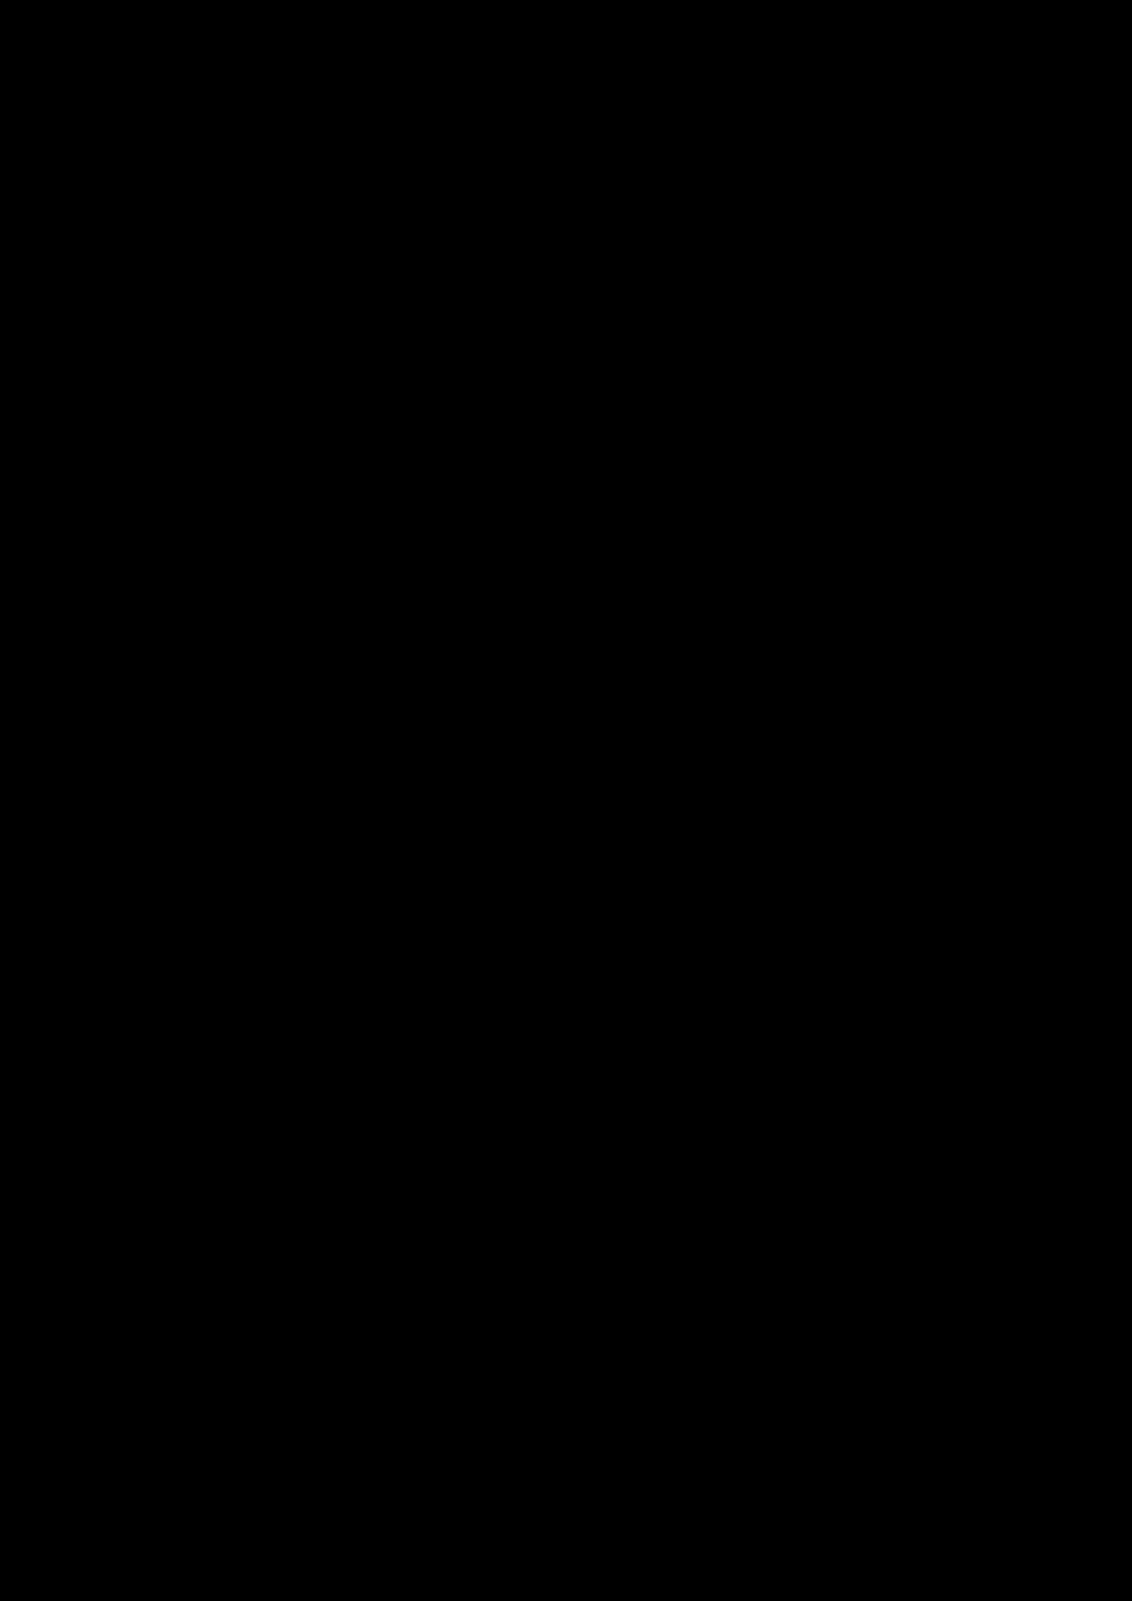 Proschanie s volshebnoy stranoy slide, Image 56